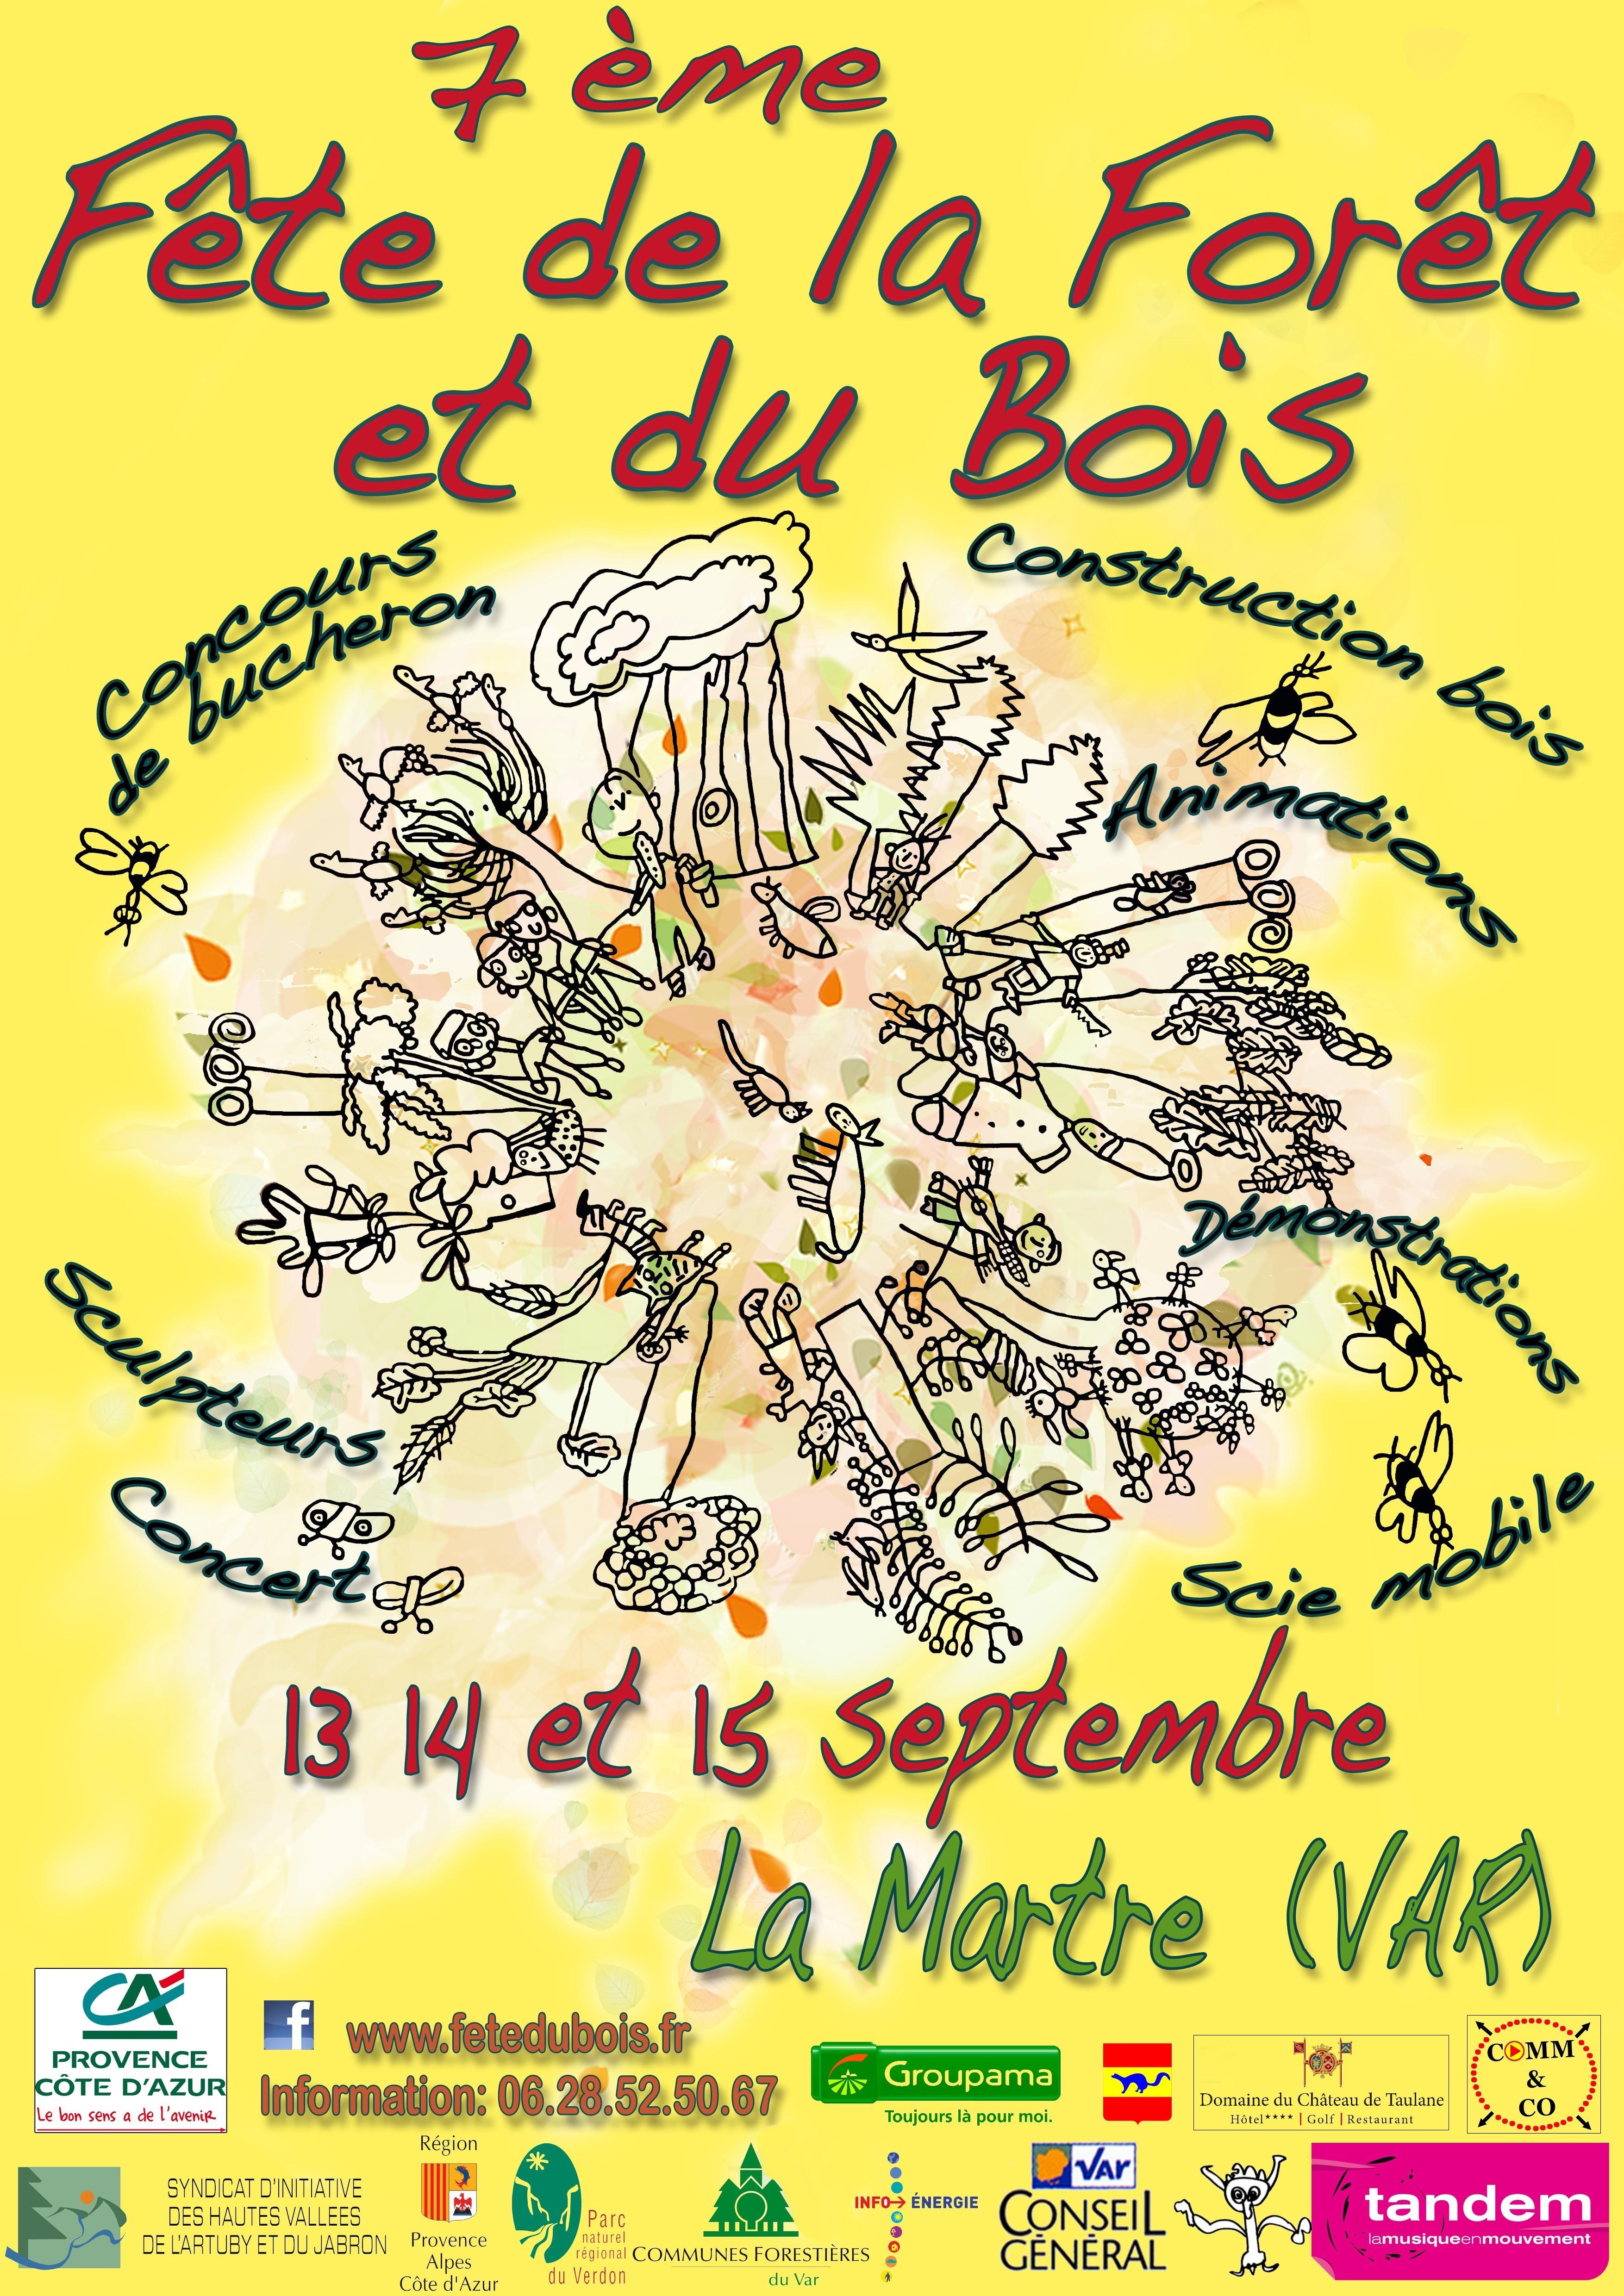 7ème Fête de la Forêt et du Bois Actualité La Martre